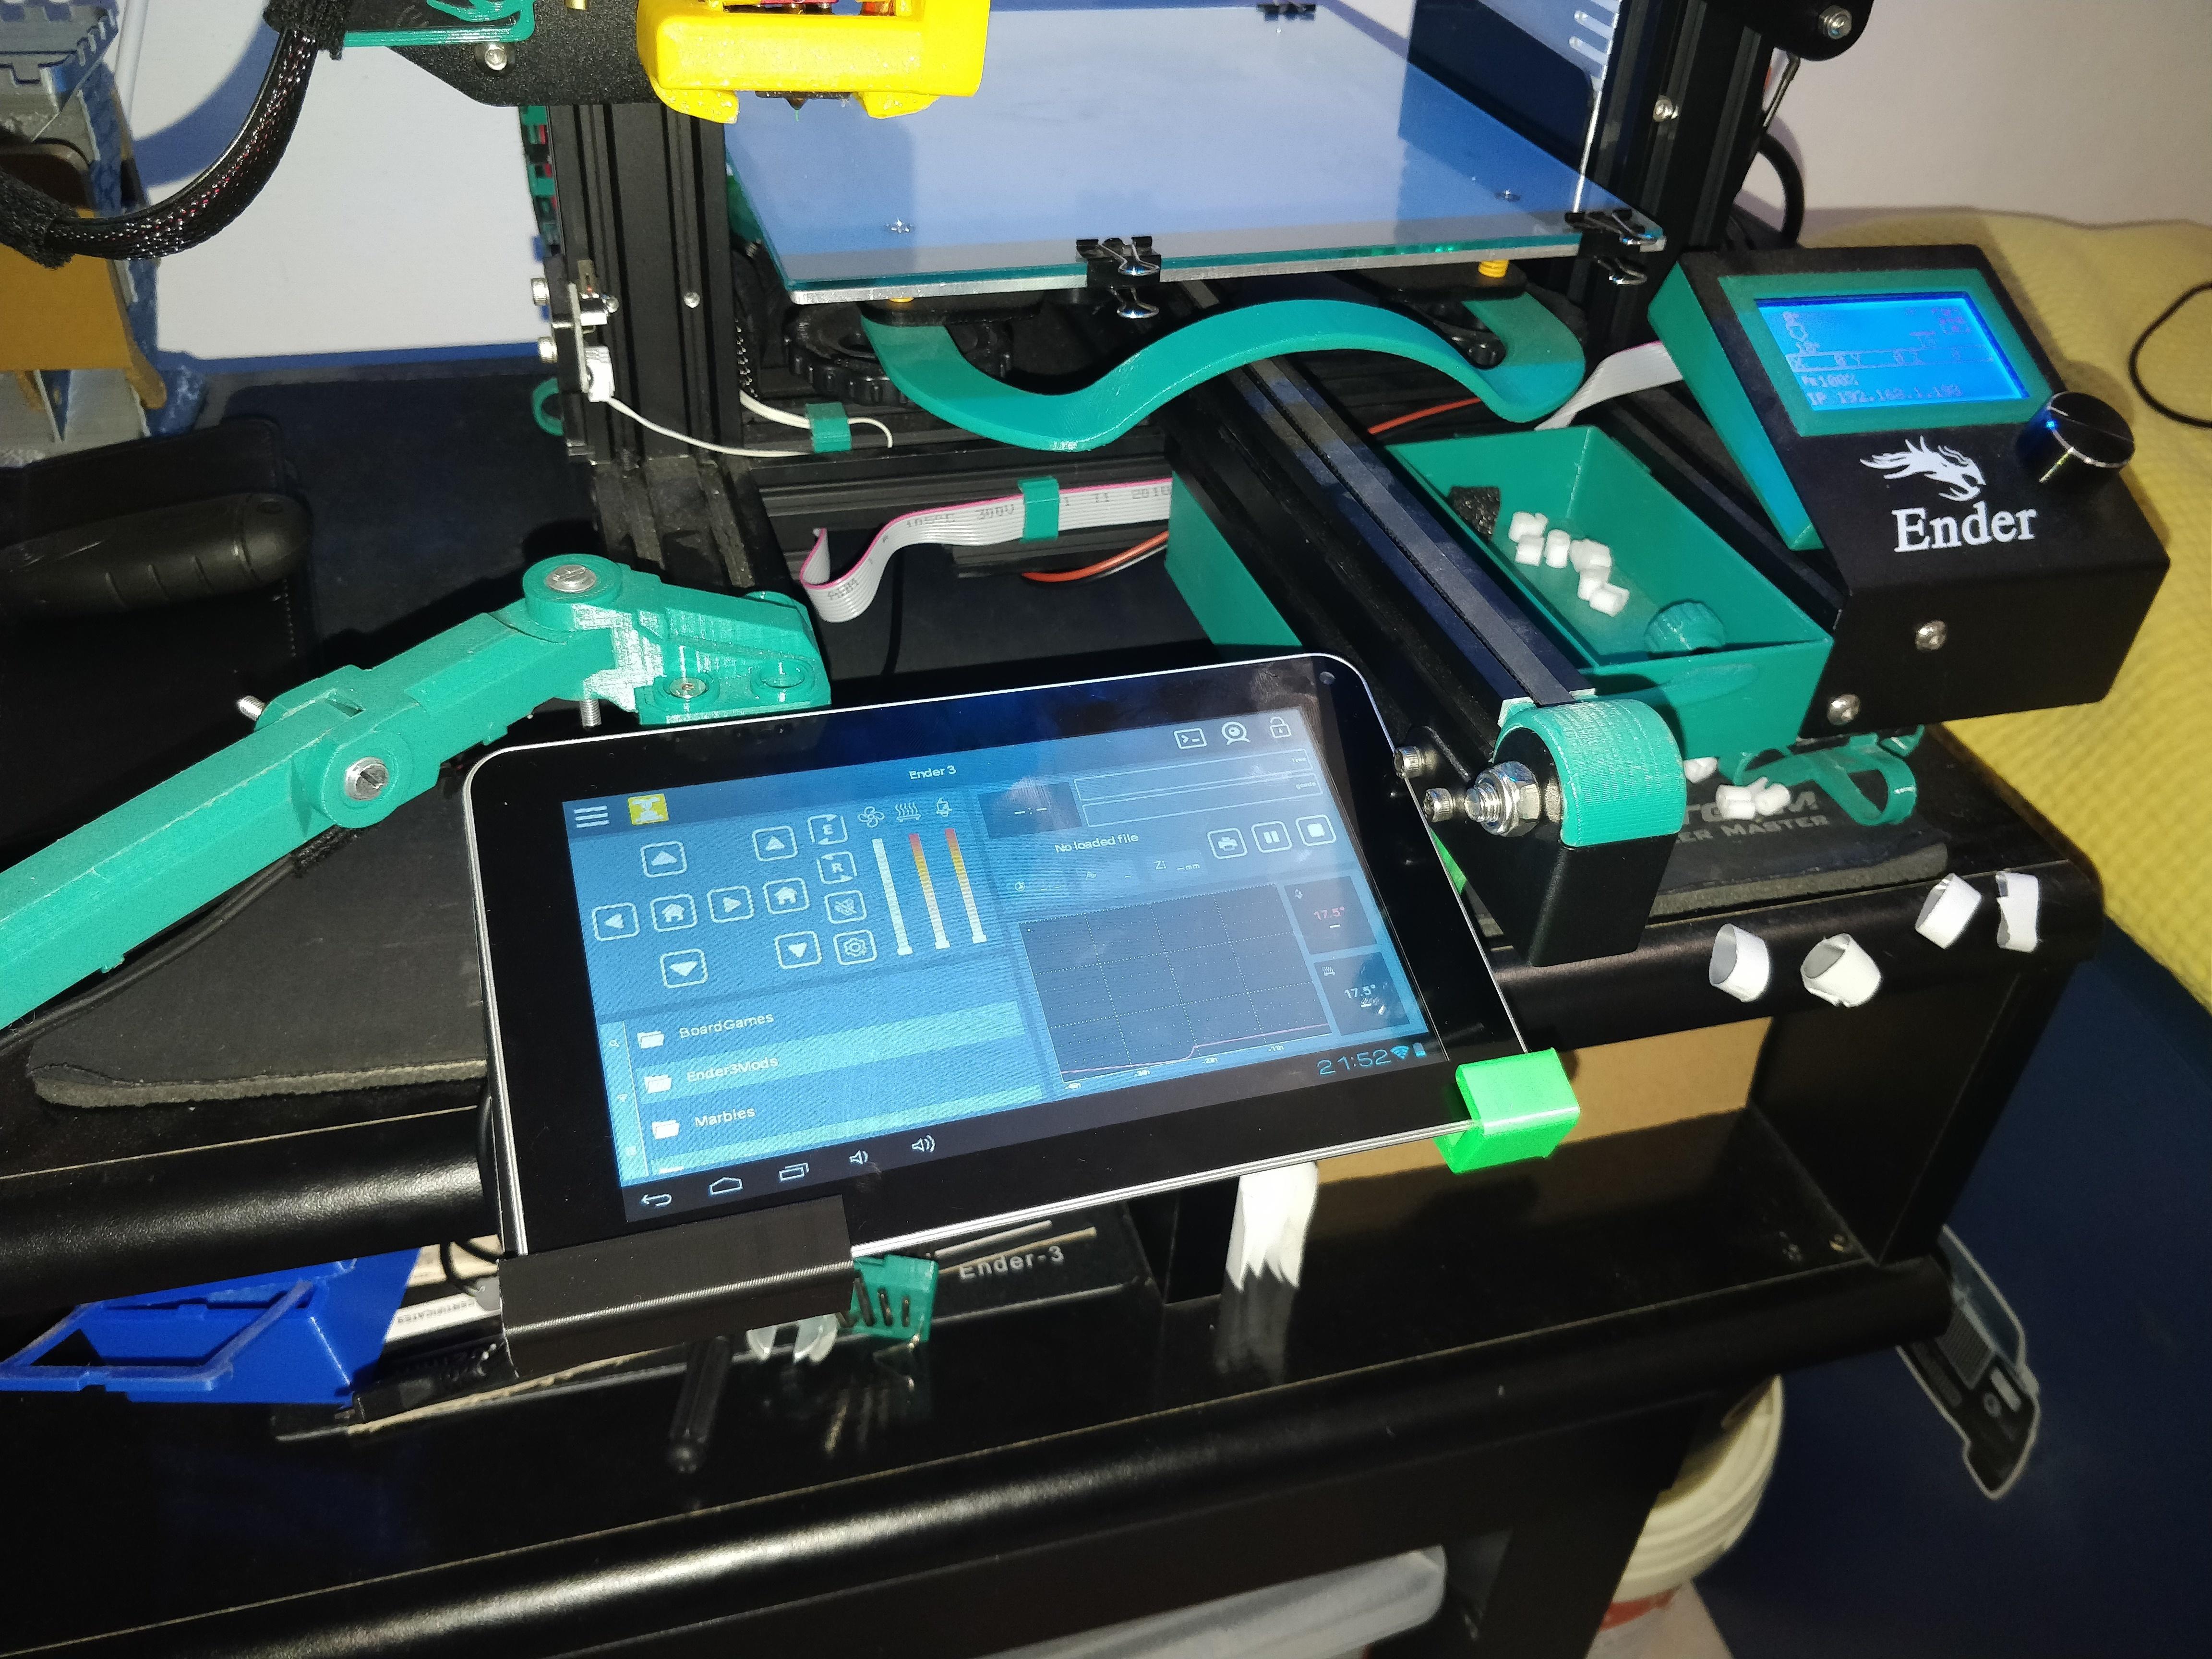 IMG_20200105_215221.jpg Télécharger fichier STL gratuit Support de tablette pour le Creality Ender 3 • Modèle pour impression 3D, Kliffom